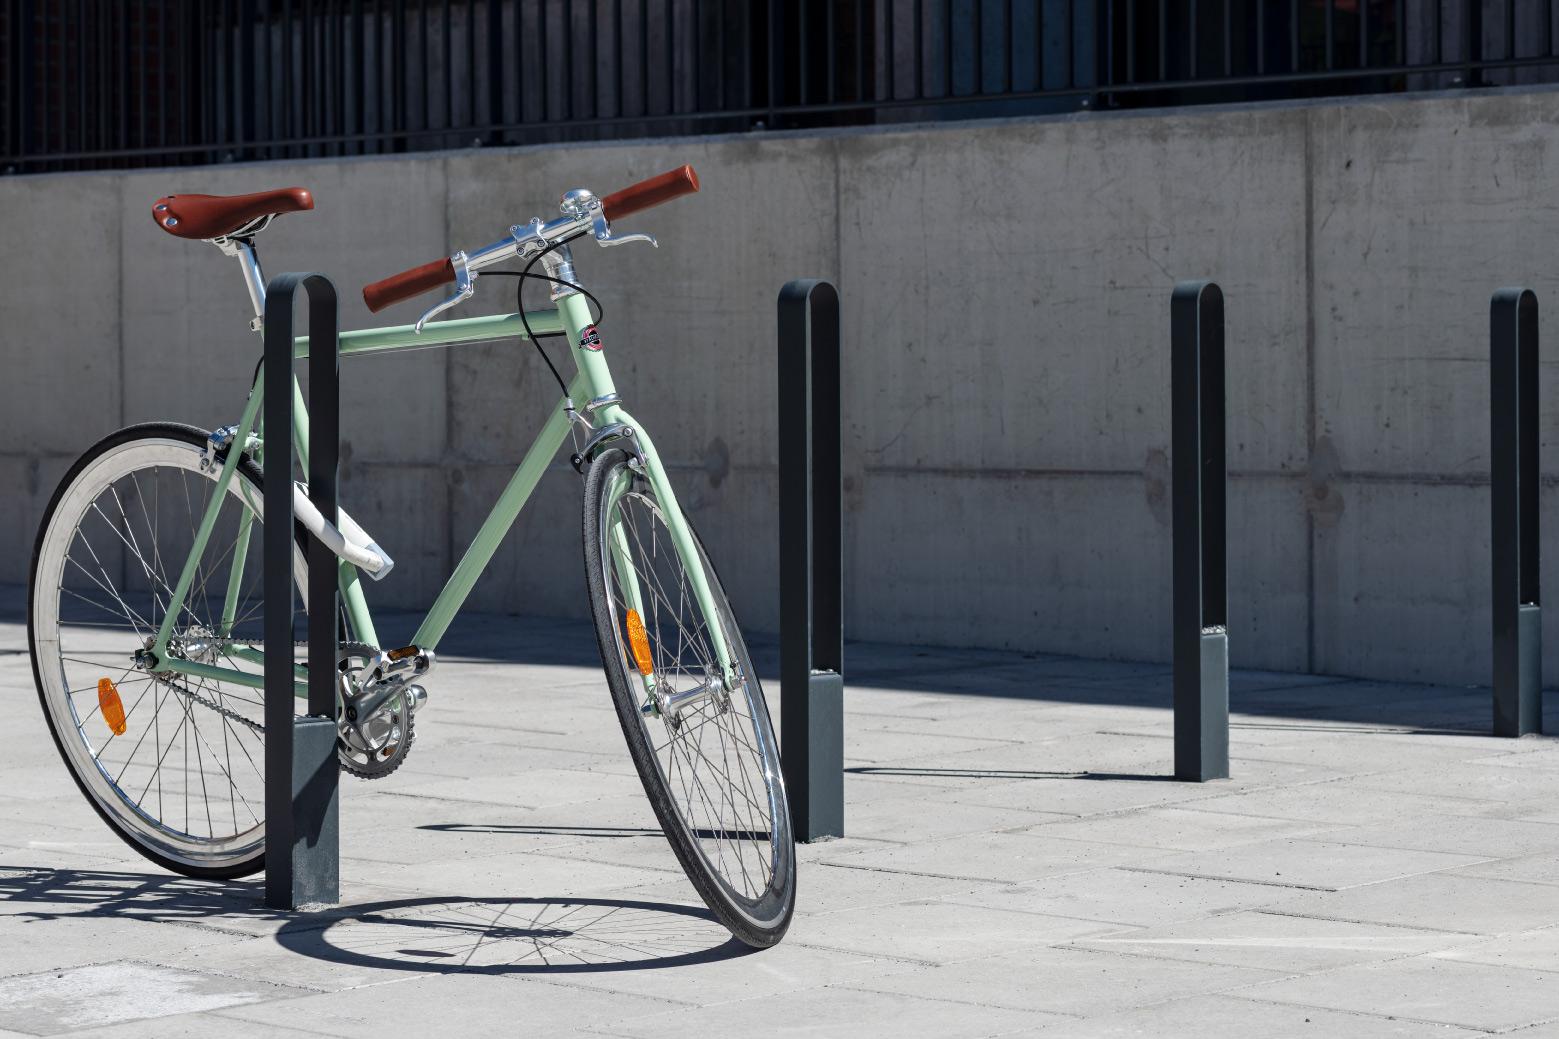 Grön cykel parkerad och låst vid cykelpollare LUX från Cyklos